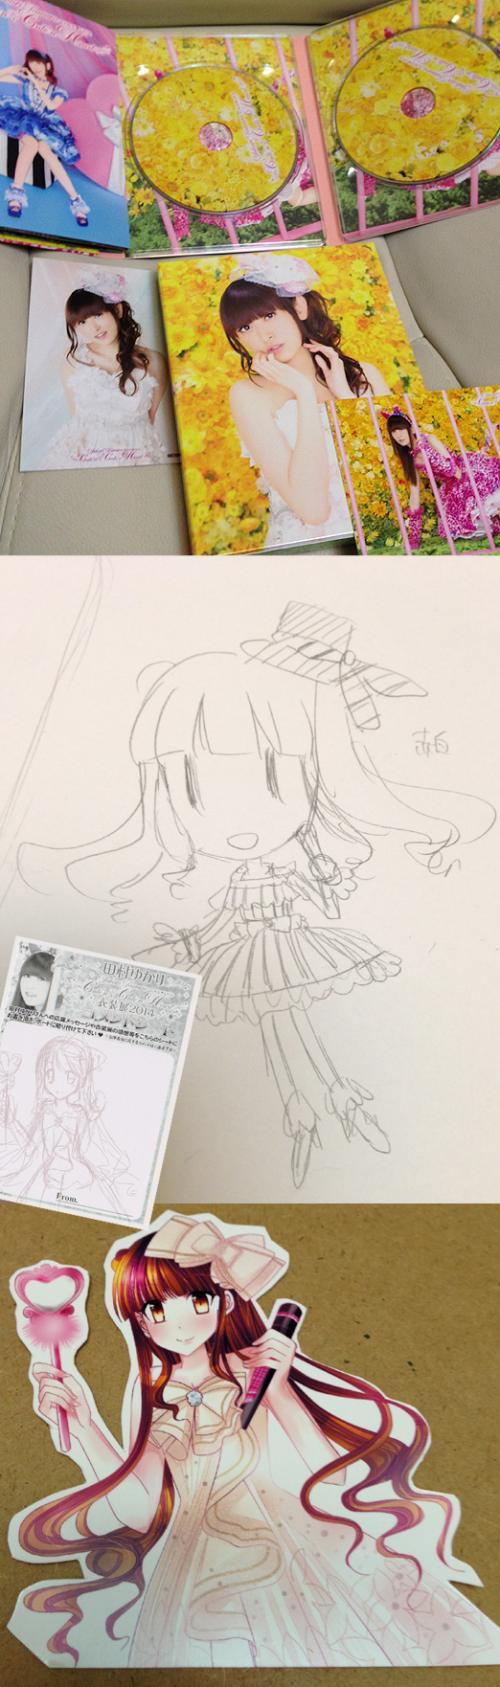 ファイル 161-5.jpg